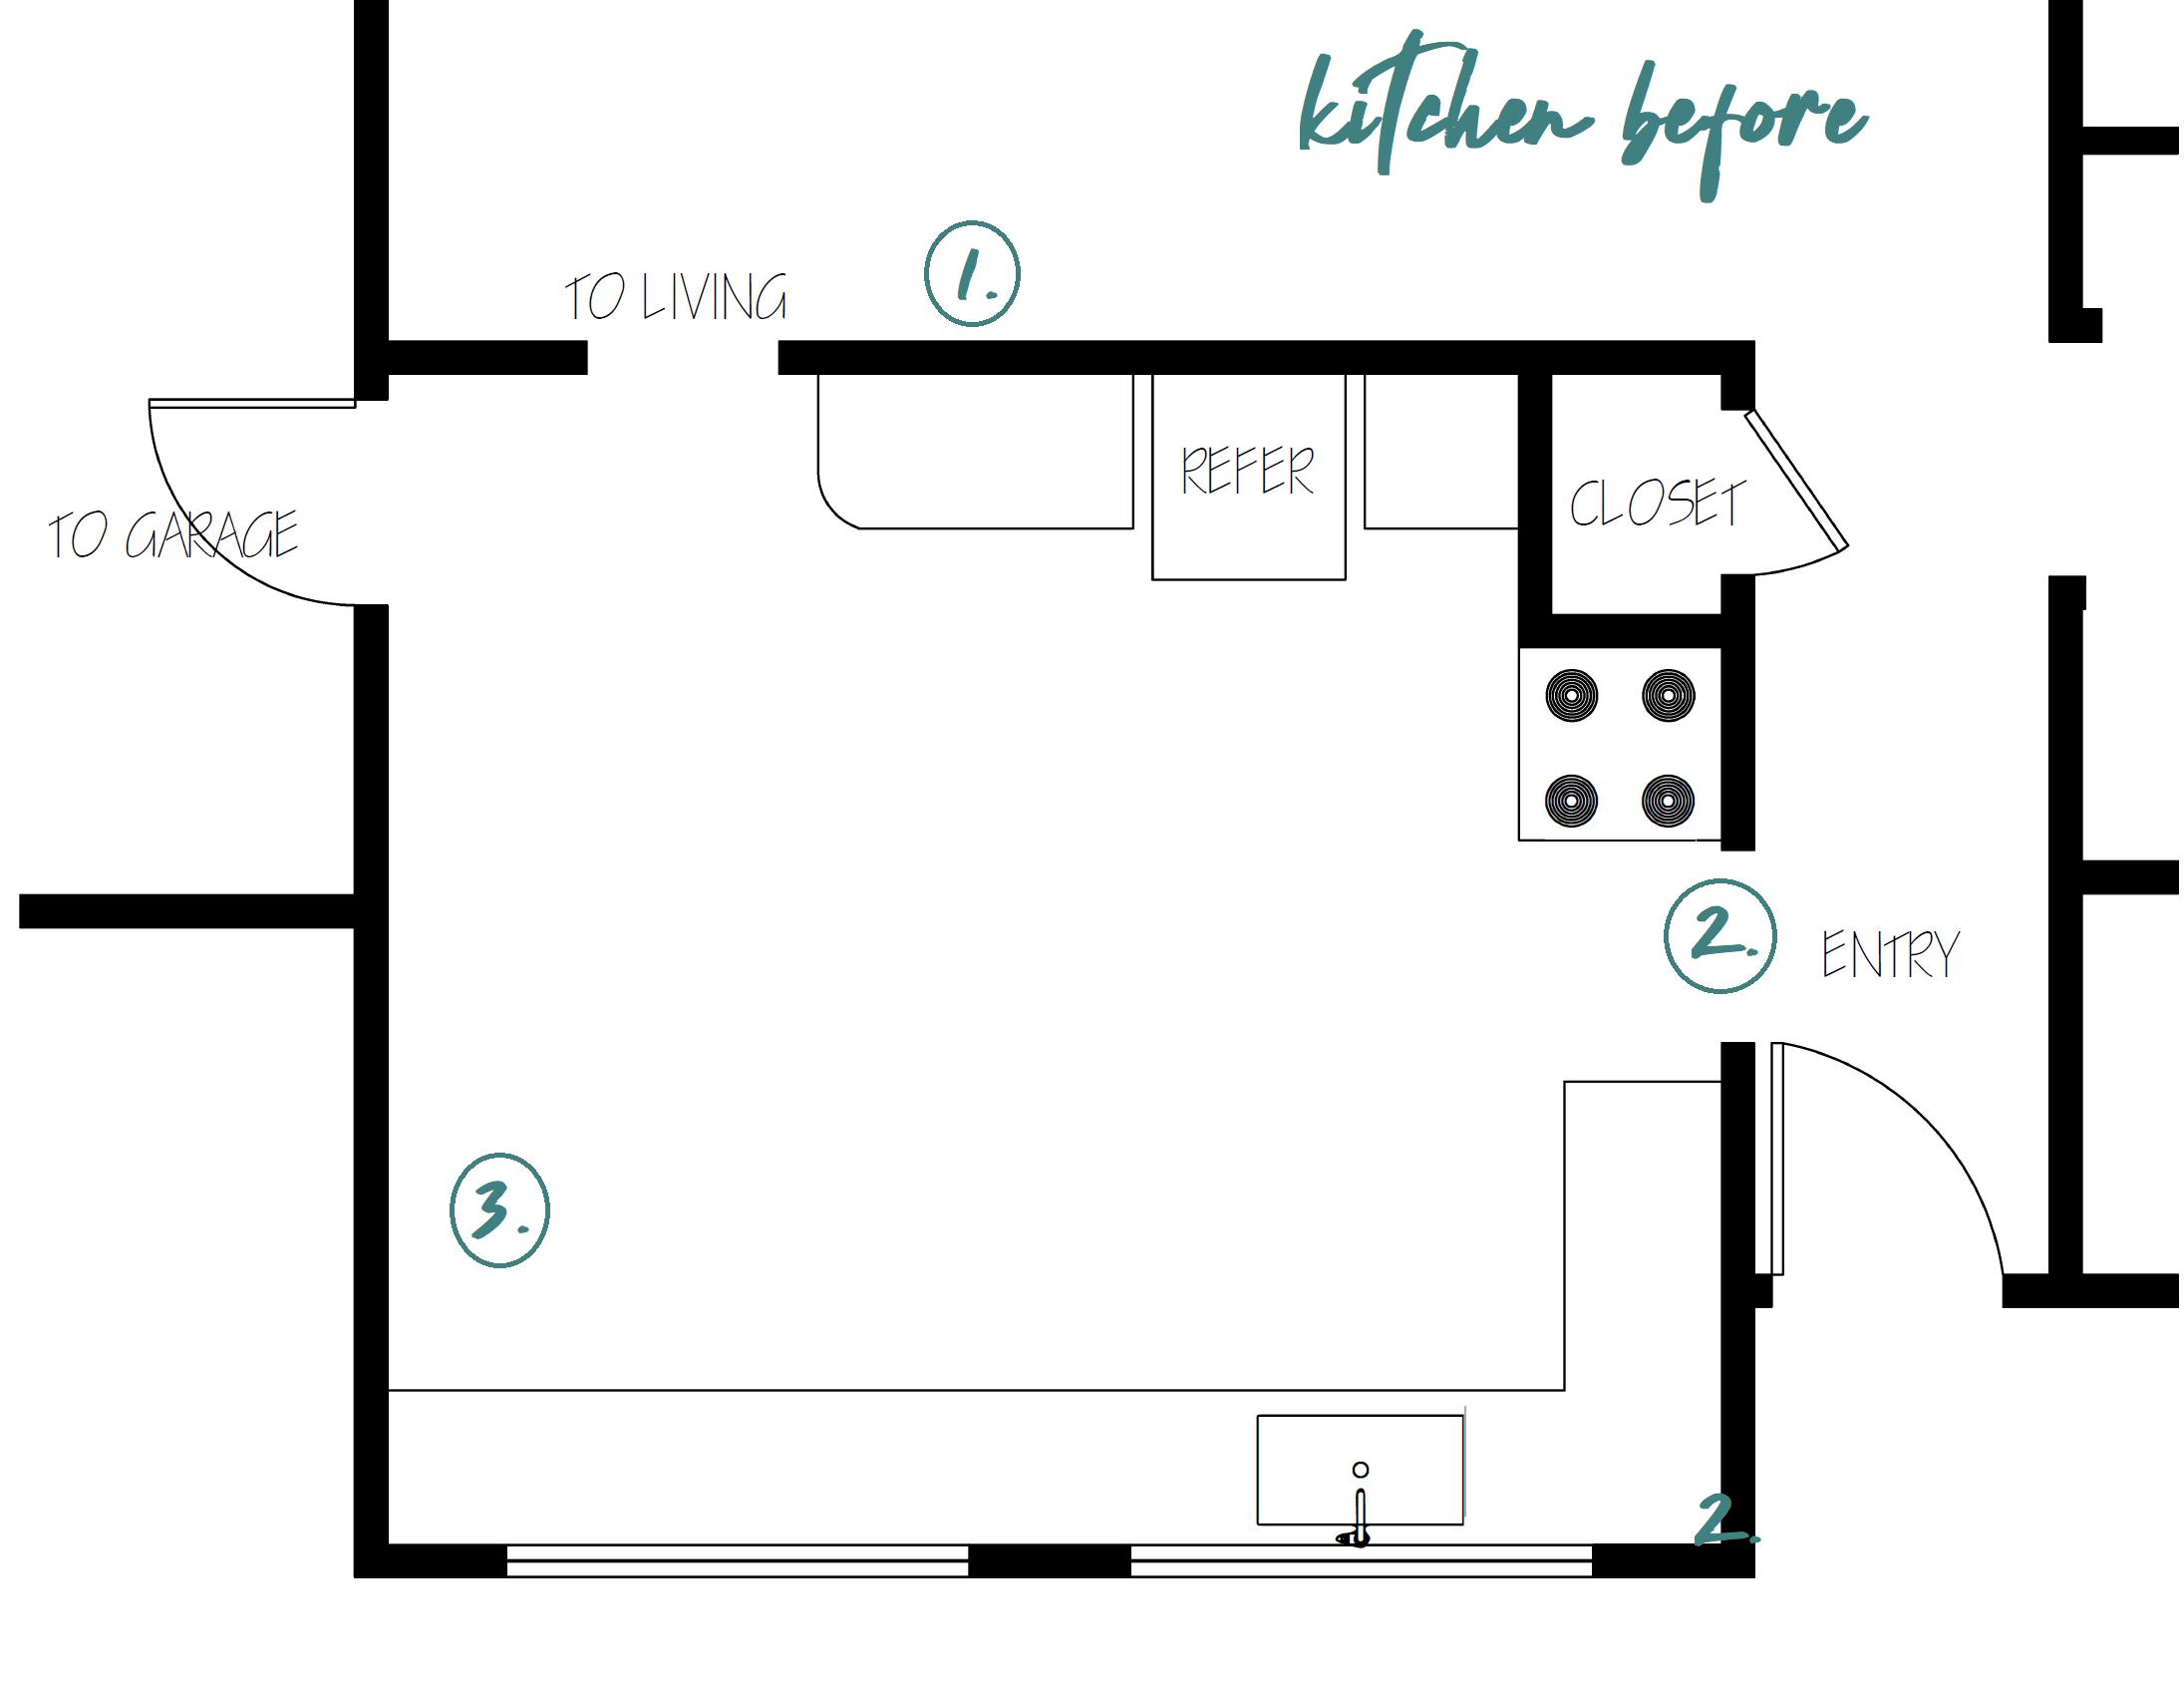 Casey Mason Interiors | KITCHEN FLOOR PLAN BEFORE